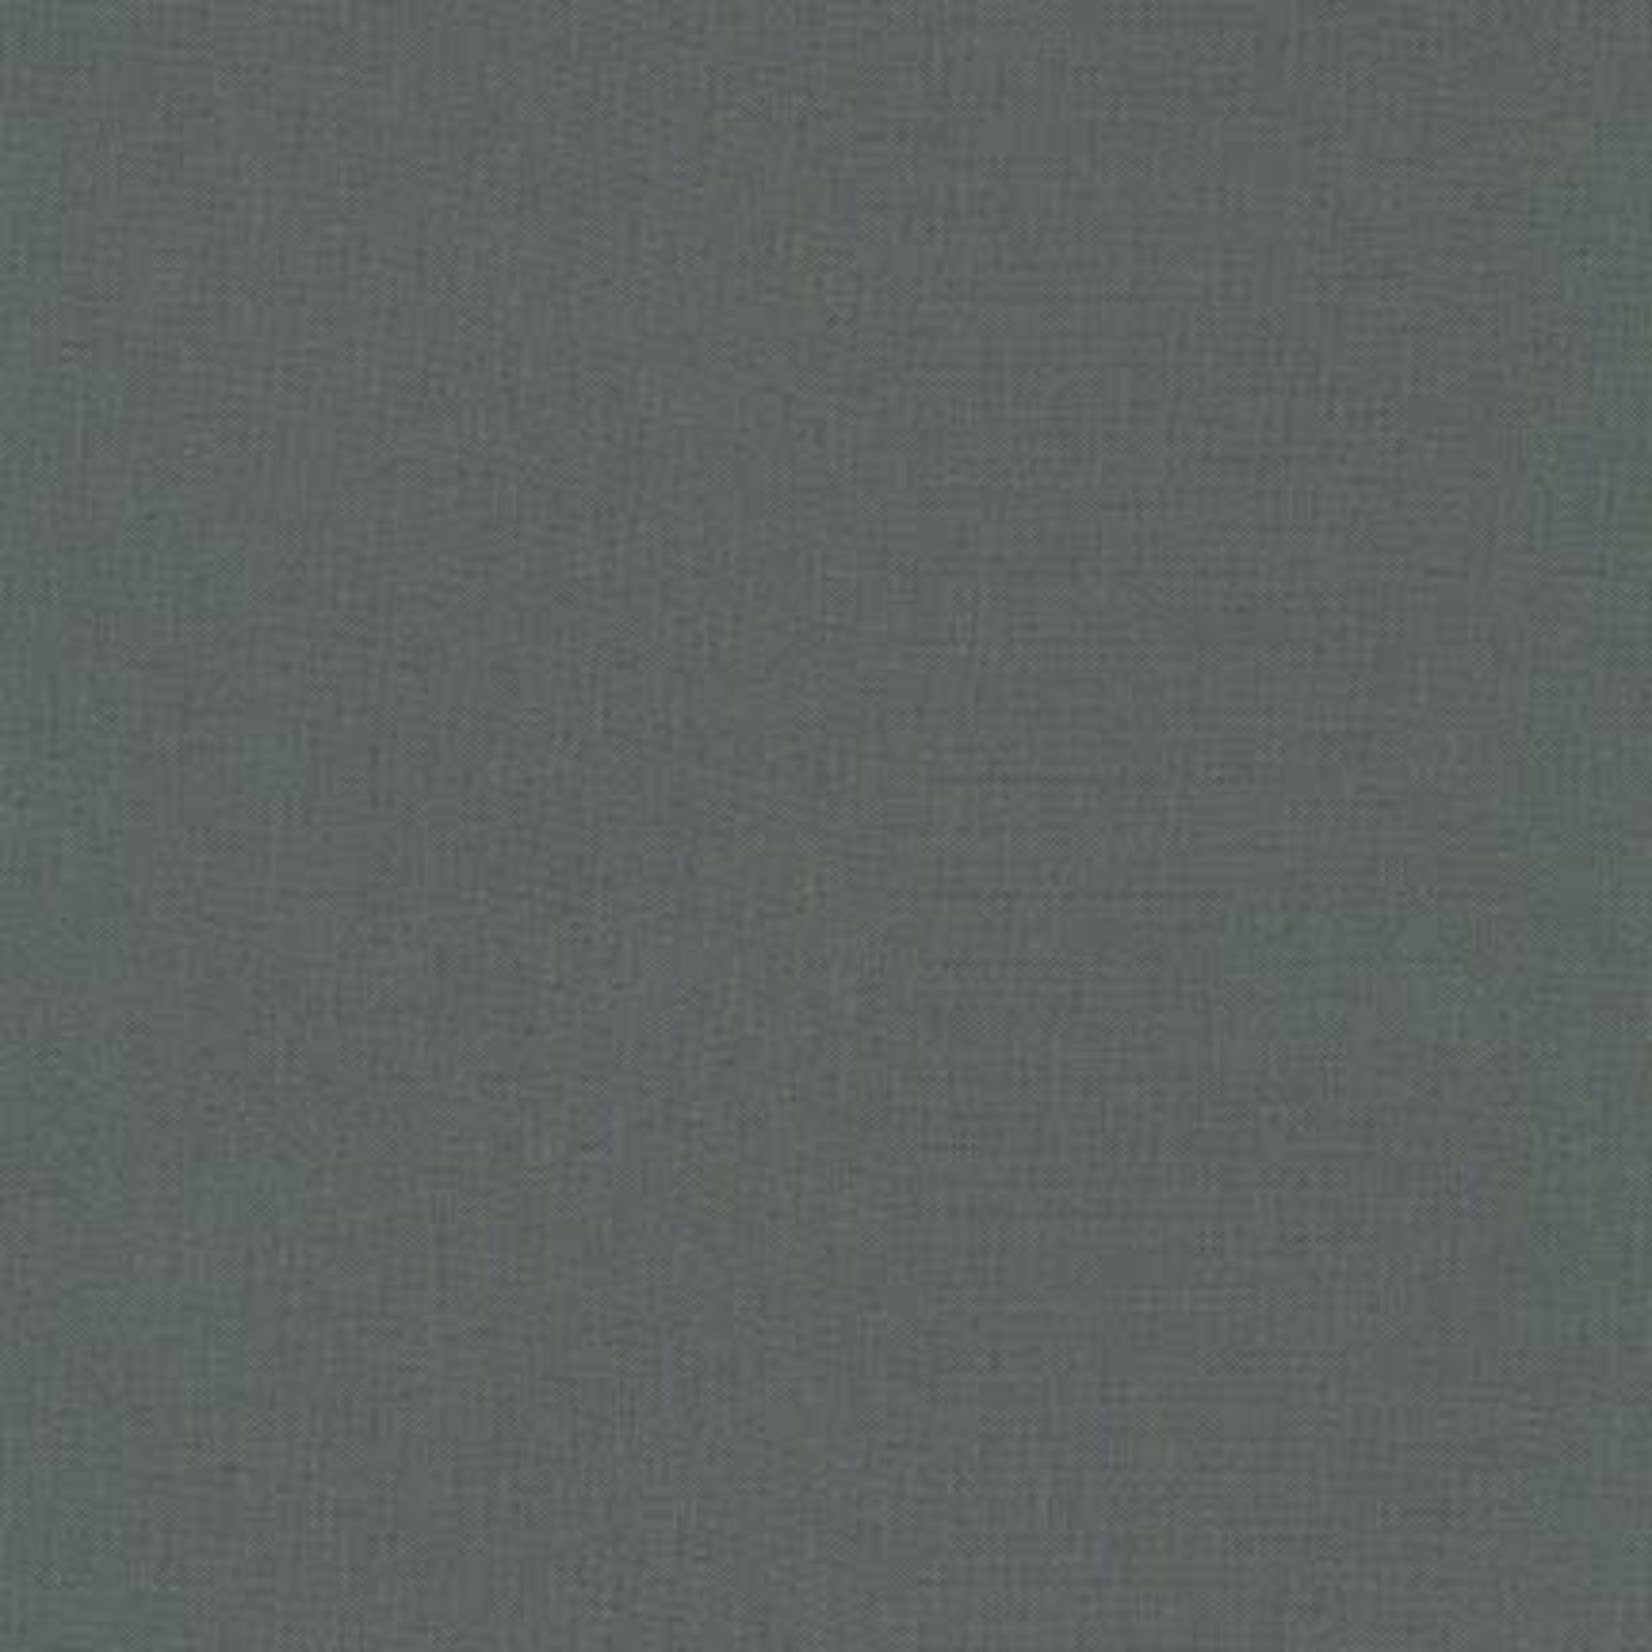 Kona KONA  K001-295 GRAPHITE, PER CM OR $14/M